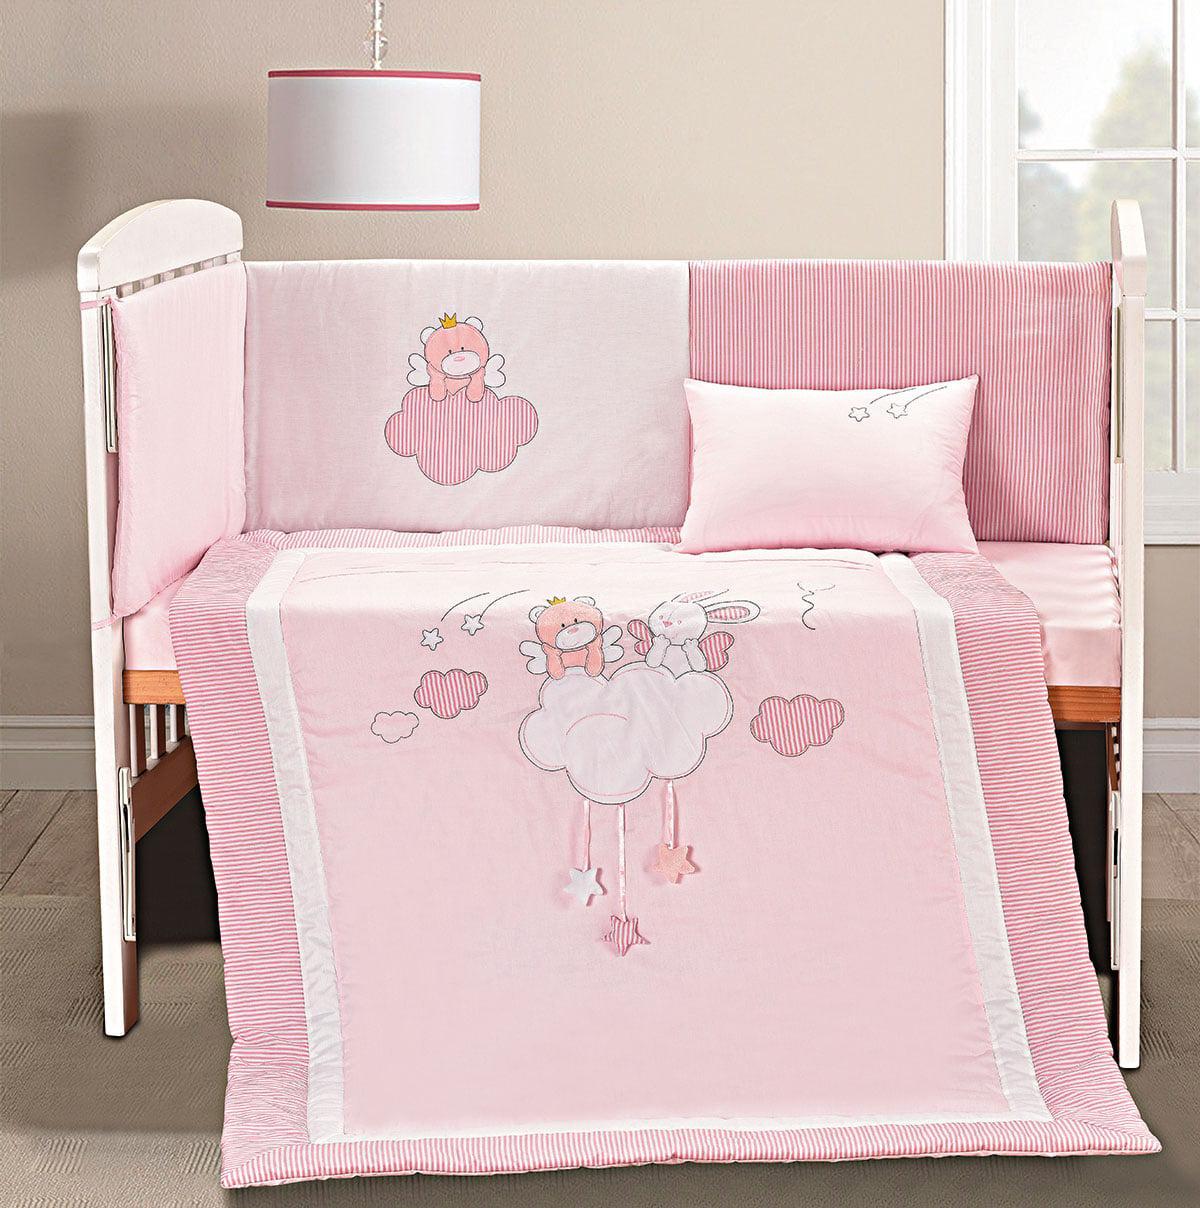 Σετ προίκας I am a dreamer Art 5108 Σετ 4τμχ Λευκό,Ροζ Beauty Home